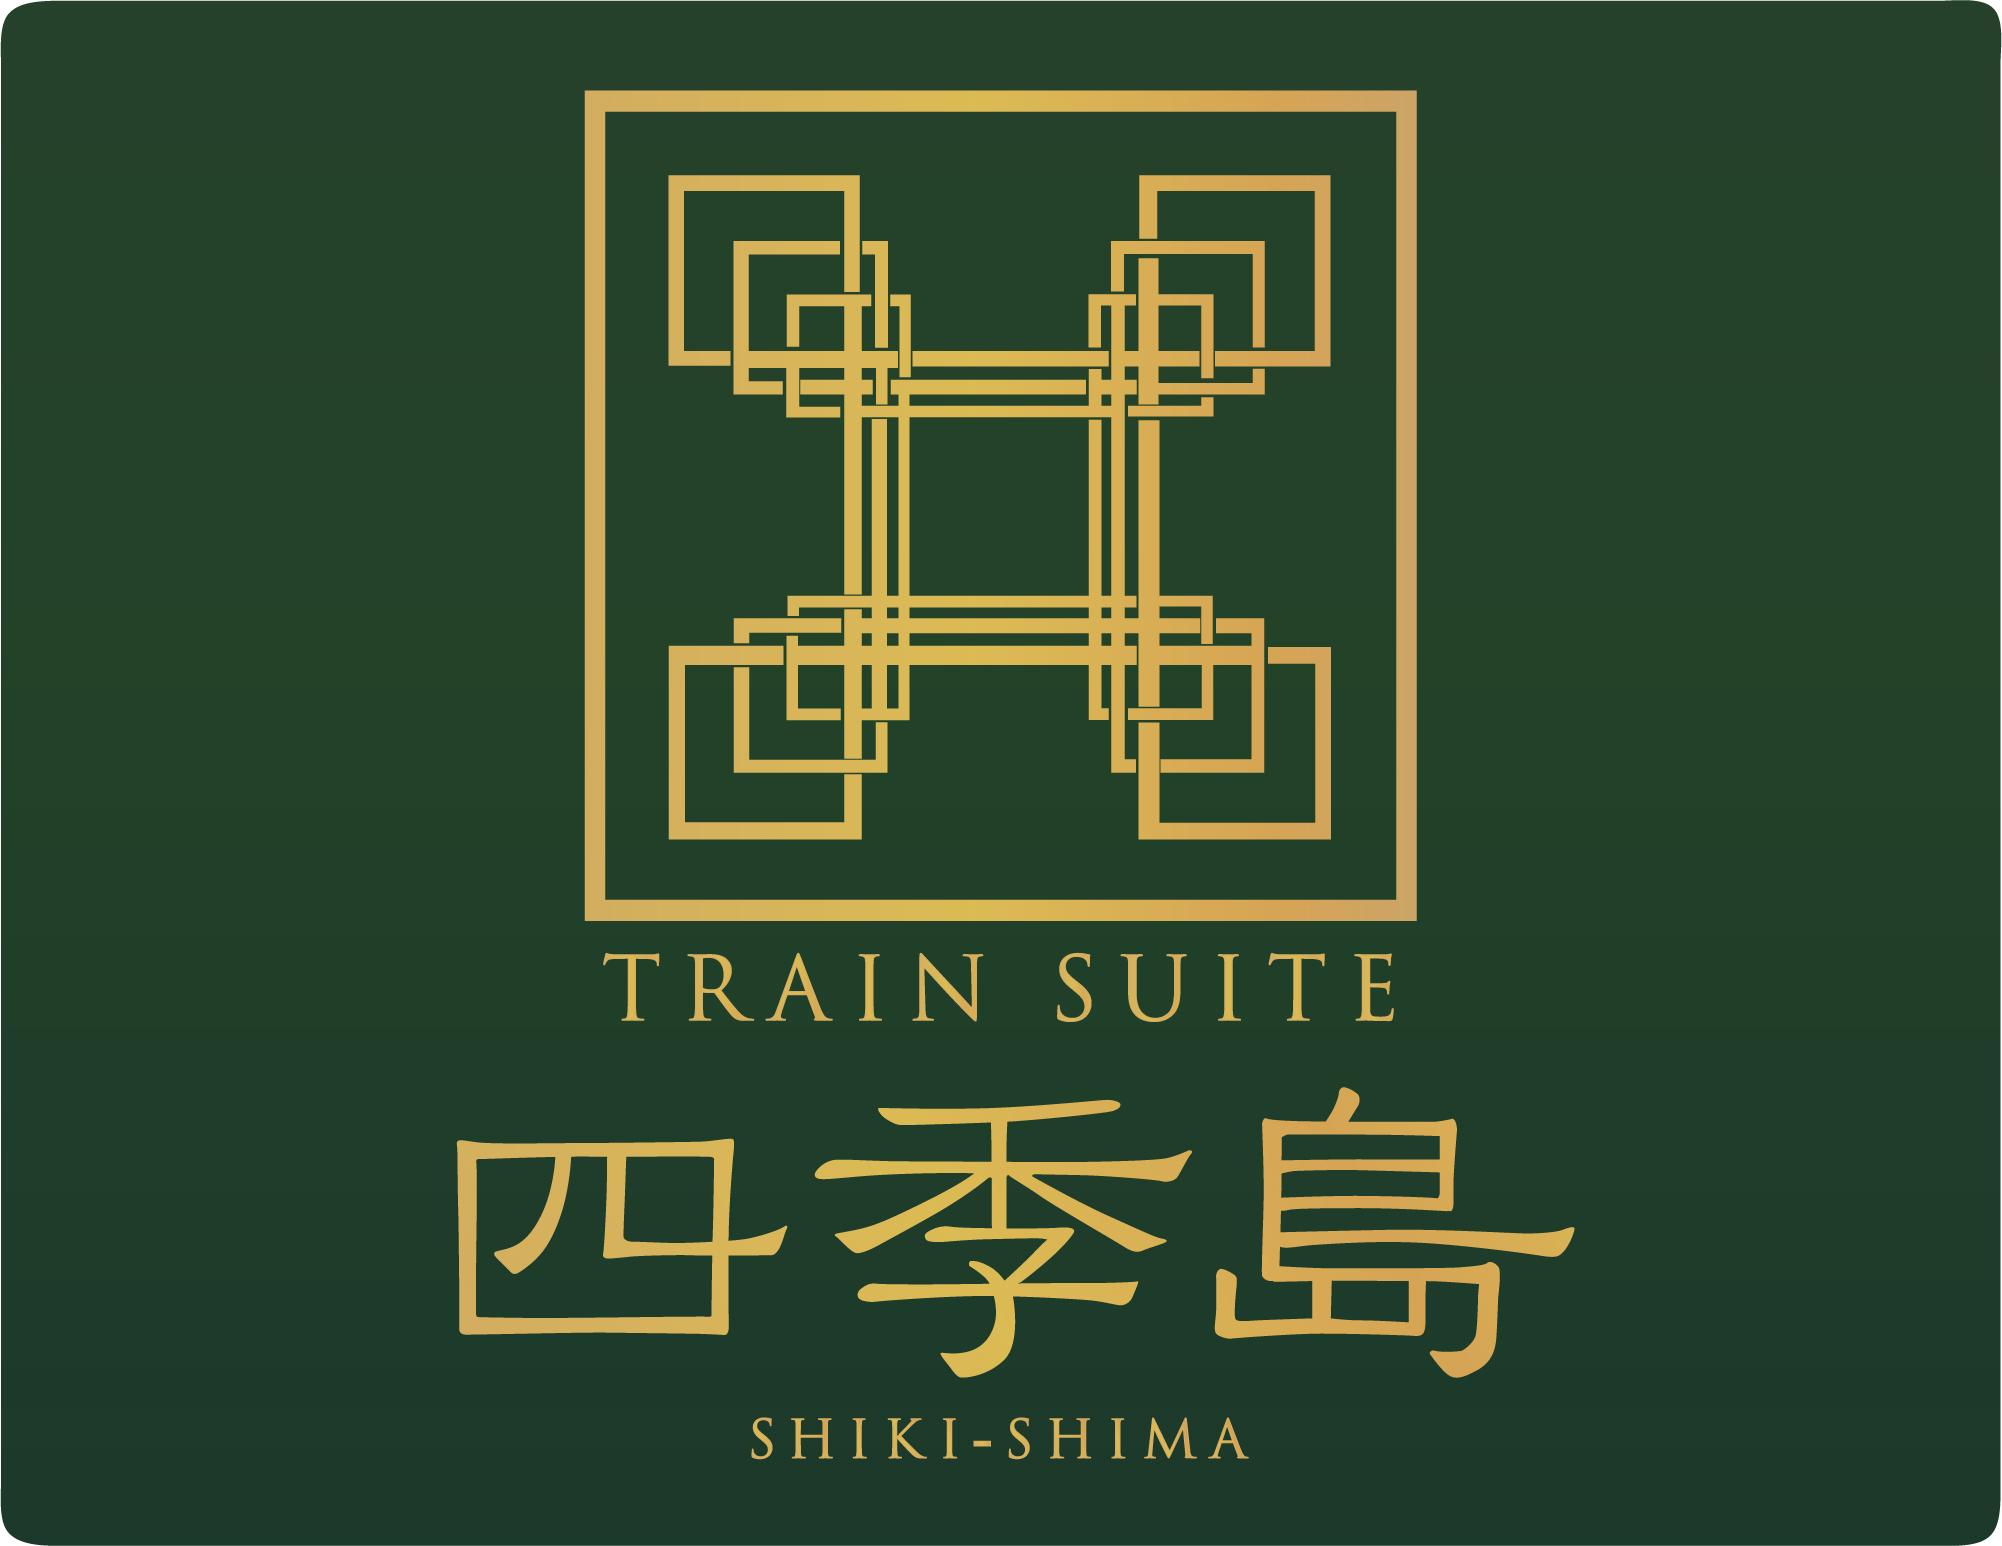 クルーズトレイン・TRAIN SUITE四季島のロゴマーク